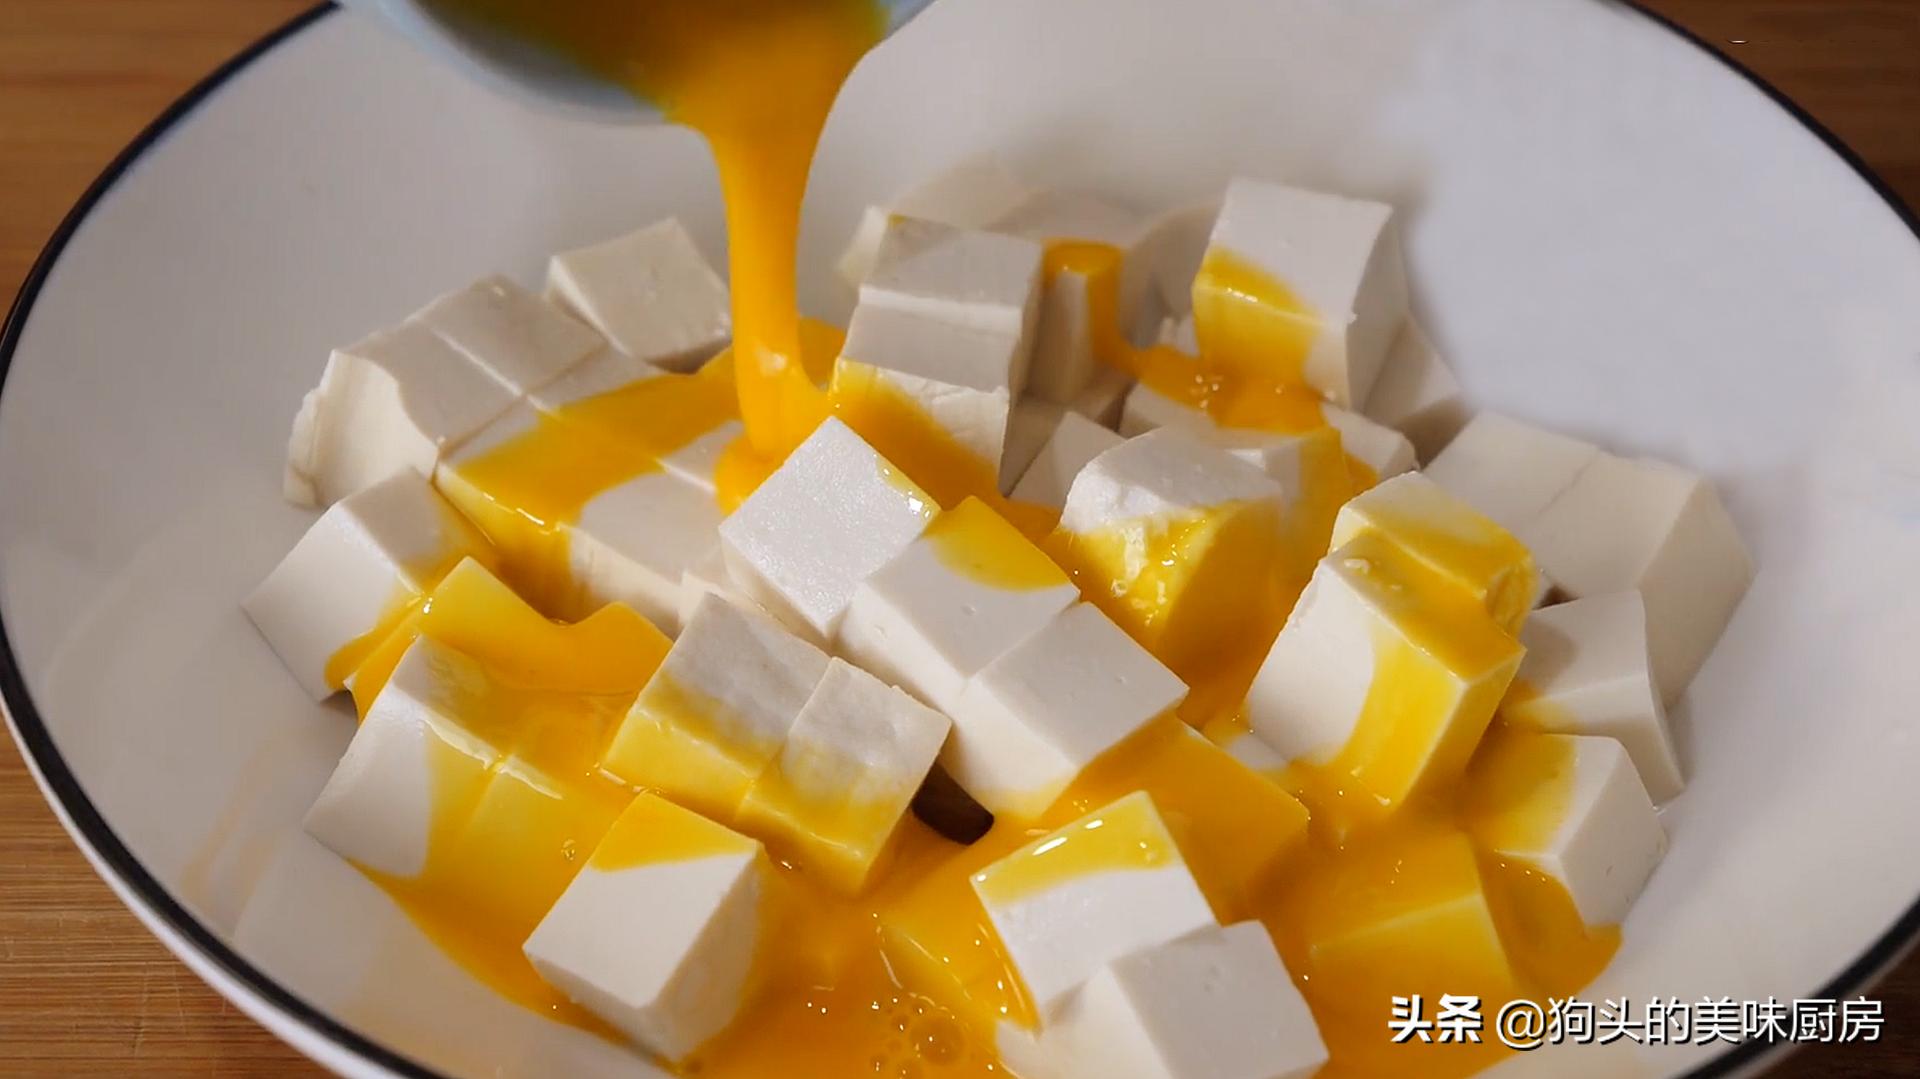 豆腐和它最配,简单易做,味道鲜美,比麻婆豆腐好吃,上桌就光盘 美食做法 第7张